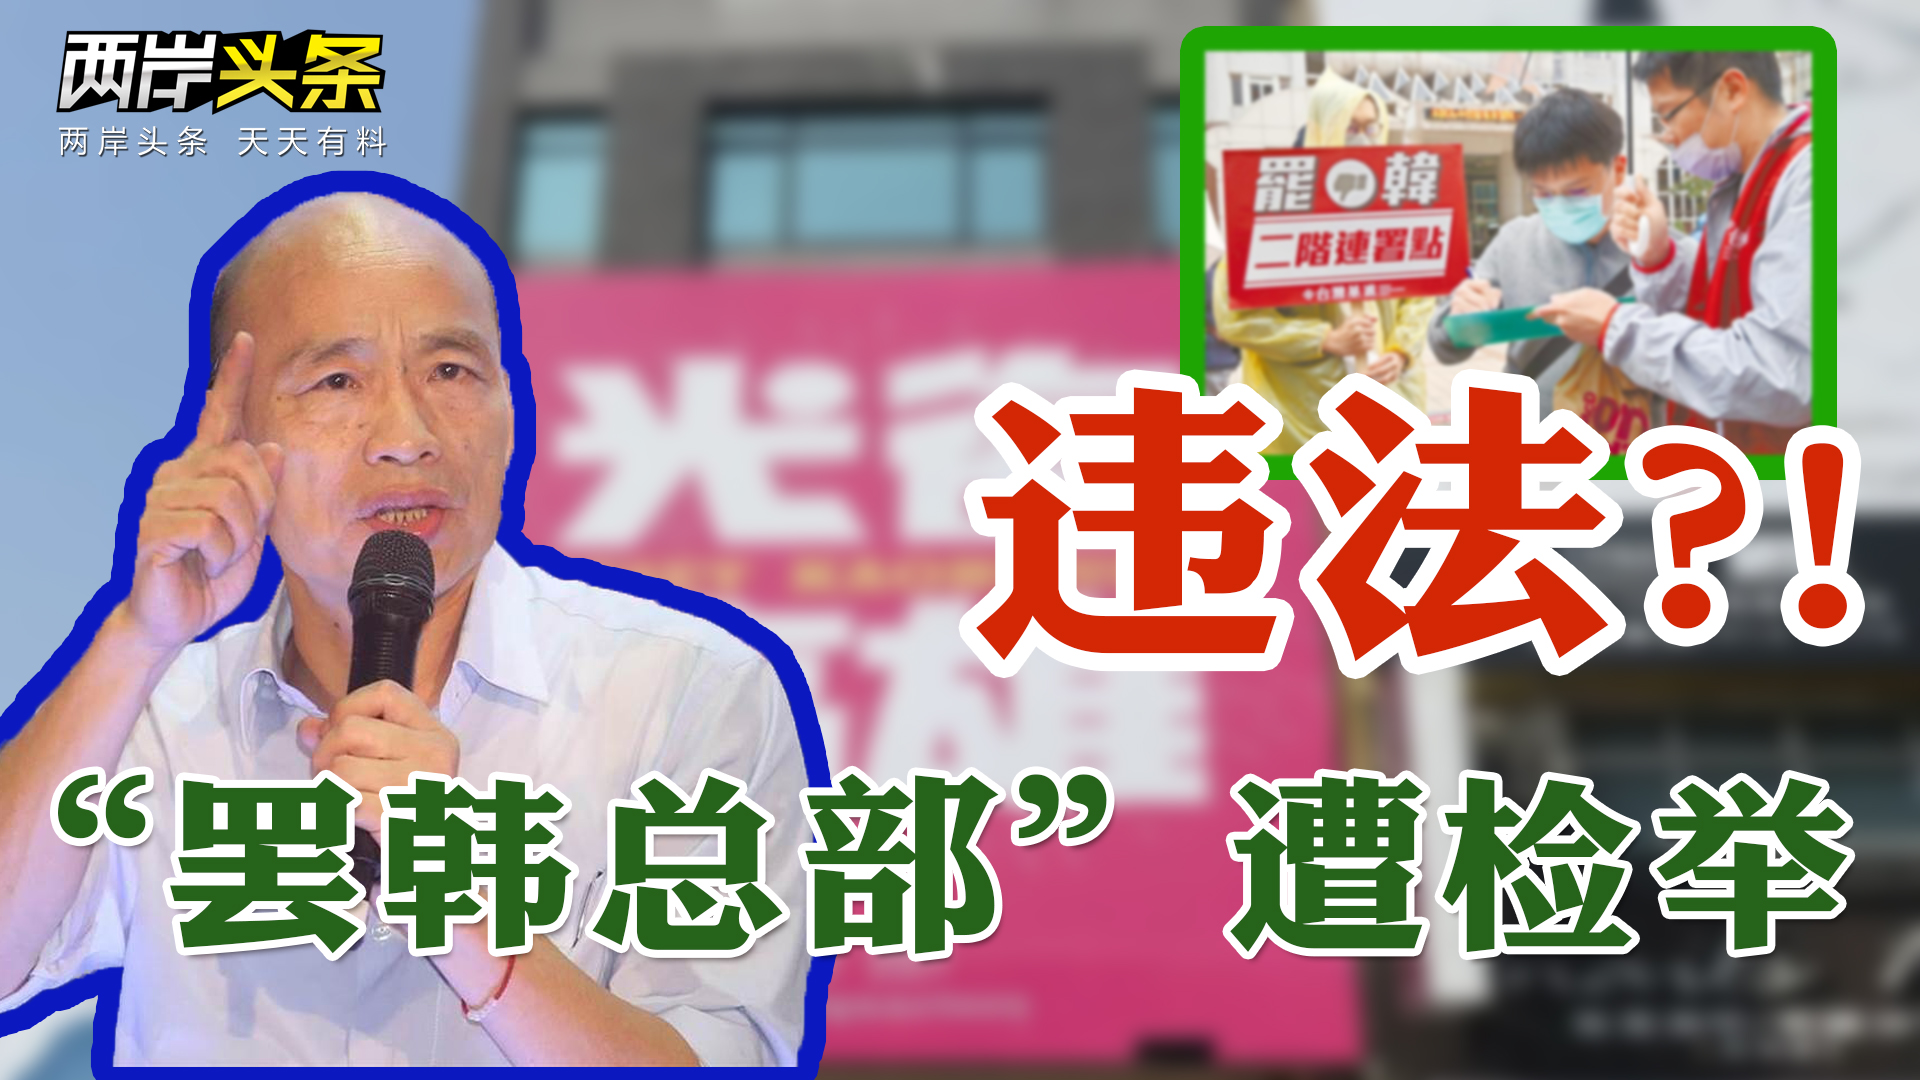 罢韩总部遭检举违法 蓝党魁战31万人可投票 台灯会48架无人机遭击落